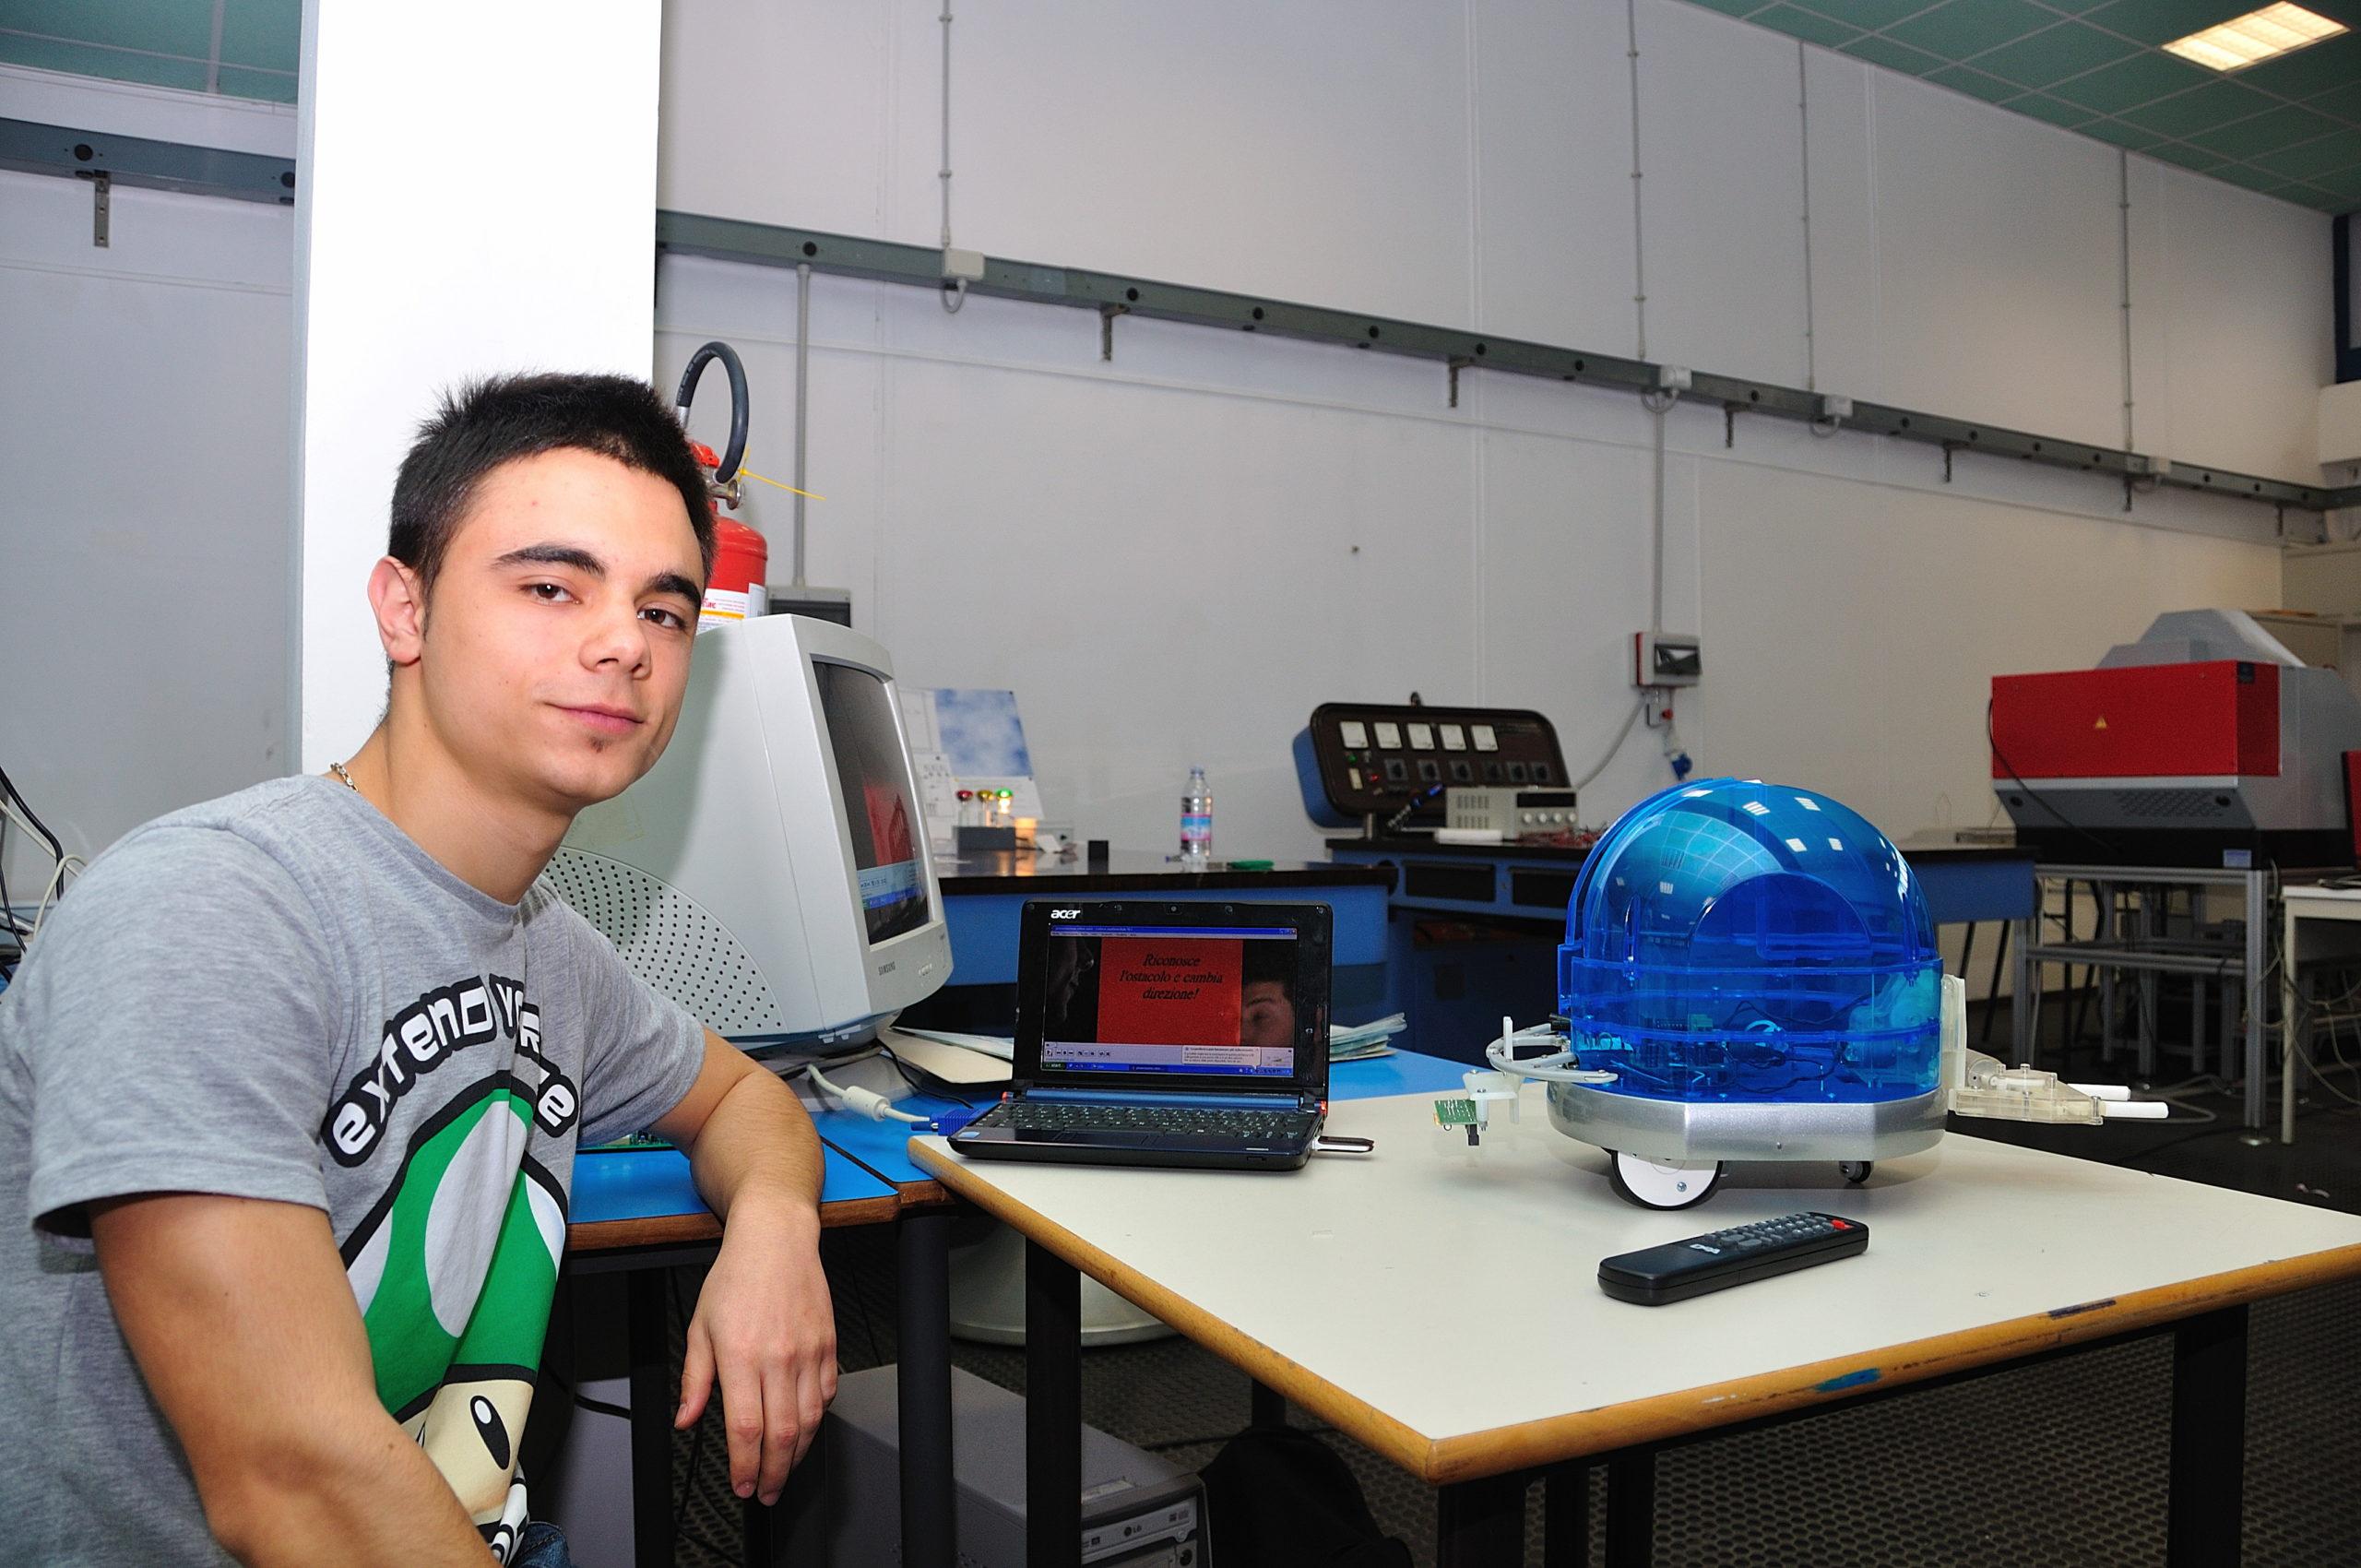 Istituto Tecnico Industriale G.M. Angioy Sassari didattica digitale